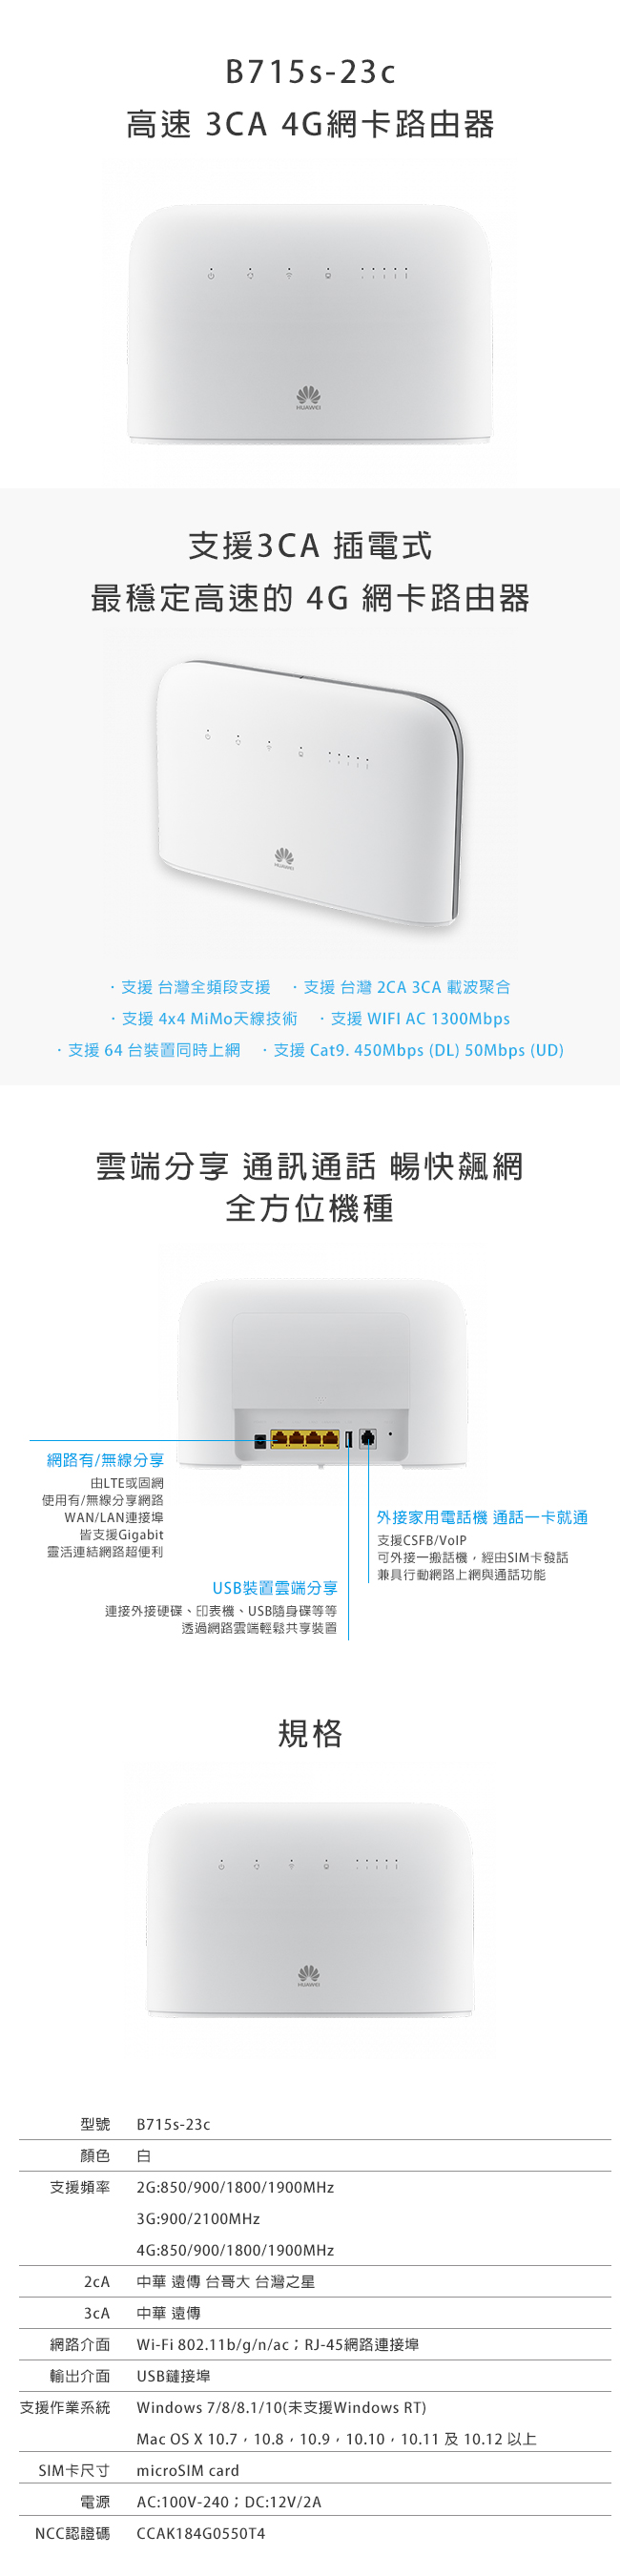 華為B715s-23c 4G LTE 分享器 路由器 B315 B525 MF286 MF283 MR200 MR400